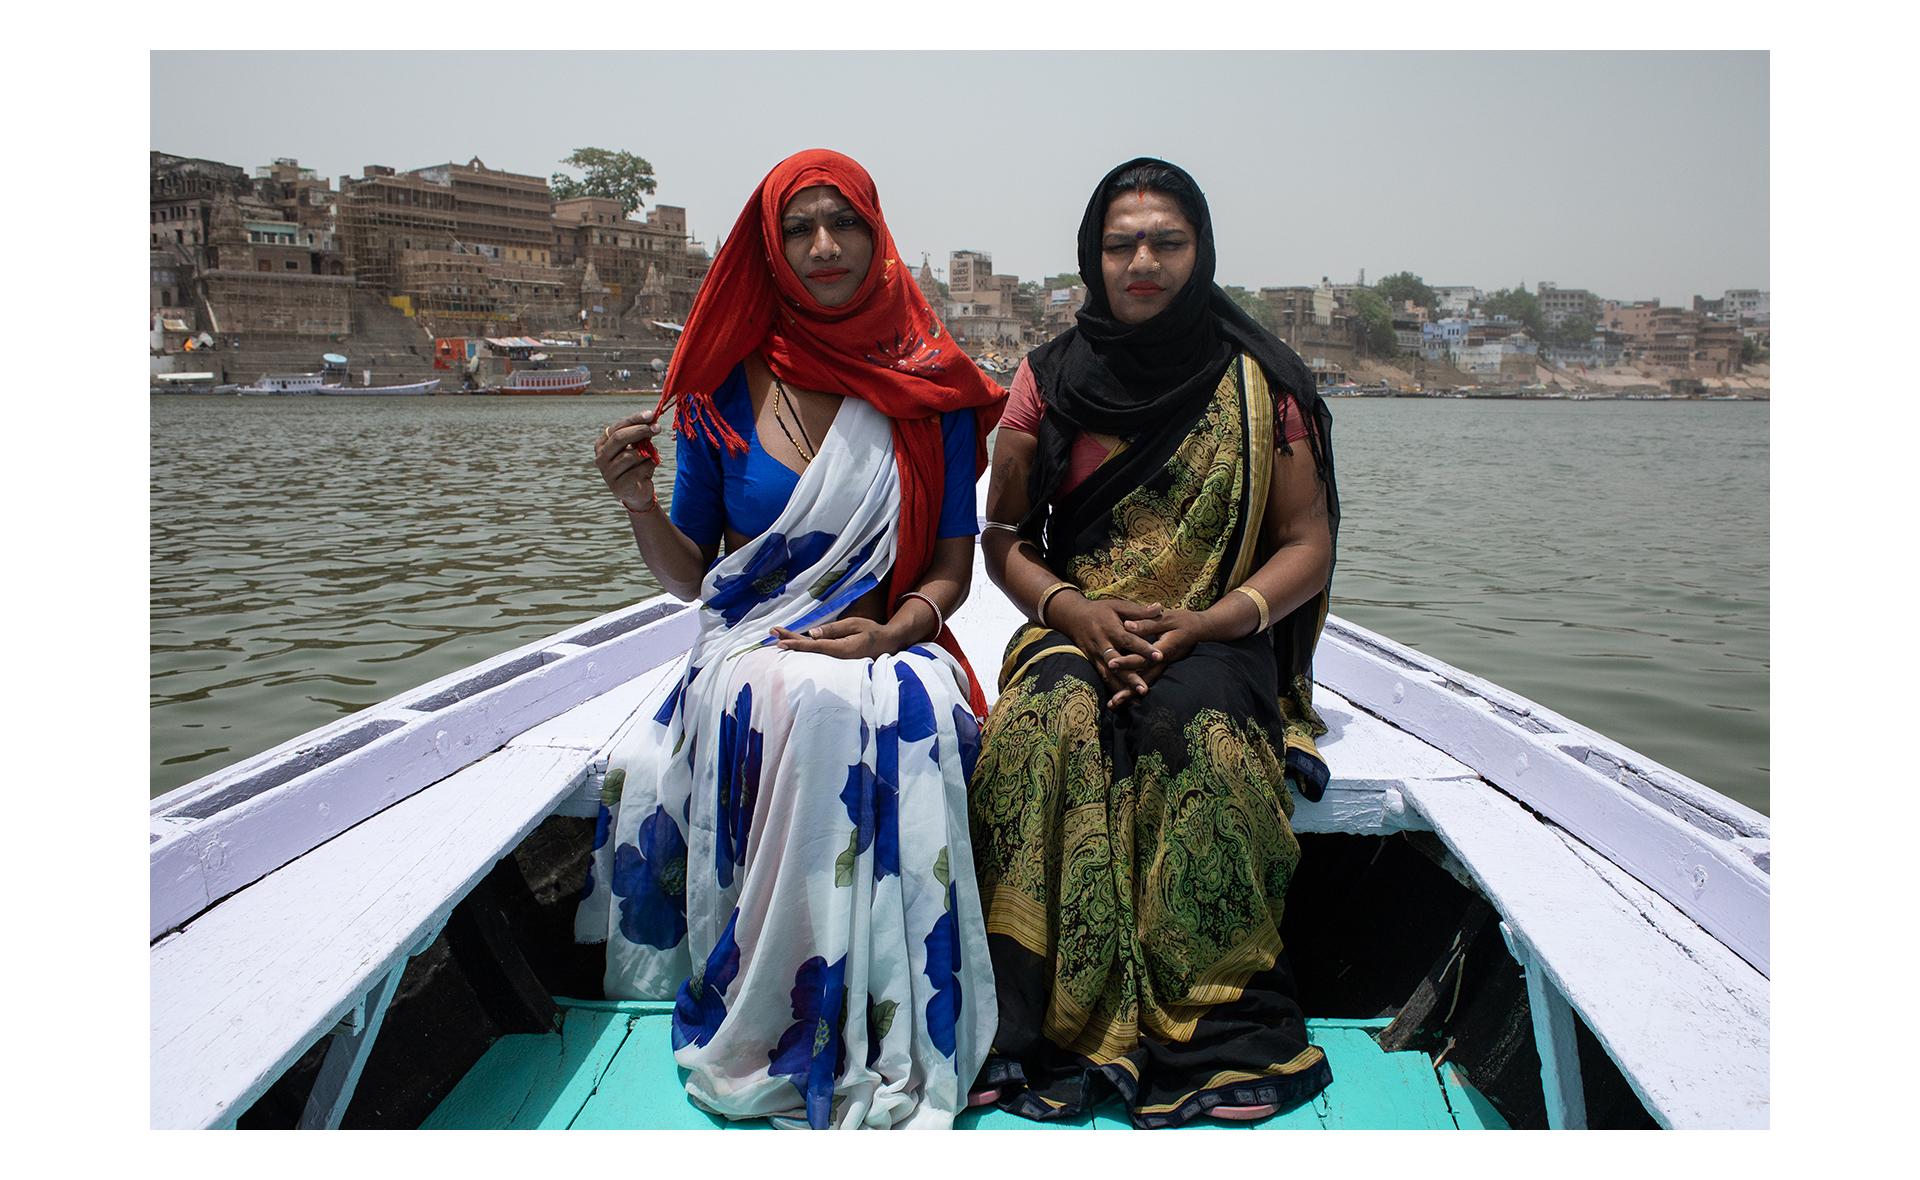 Rupaa e Muskan posam para retrato em um barco no rio Ganges, em Varanasi. Rupaa e Muskan são amigas e vivem na mesma comunidade de Hijras. Muskan frequentemente acompanha Rupaa quando elas precisam sair da comunidade, é comum as hijras circularem pela cidade em grupos por questões culturais e por segurança.